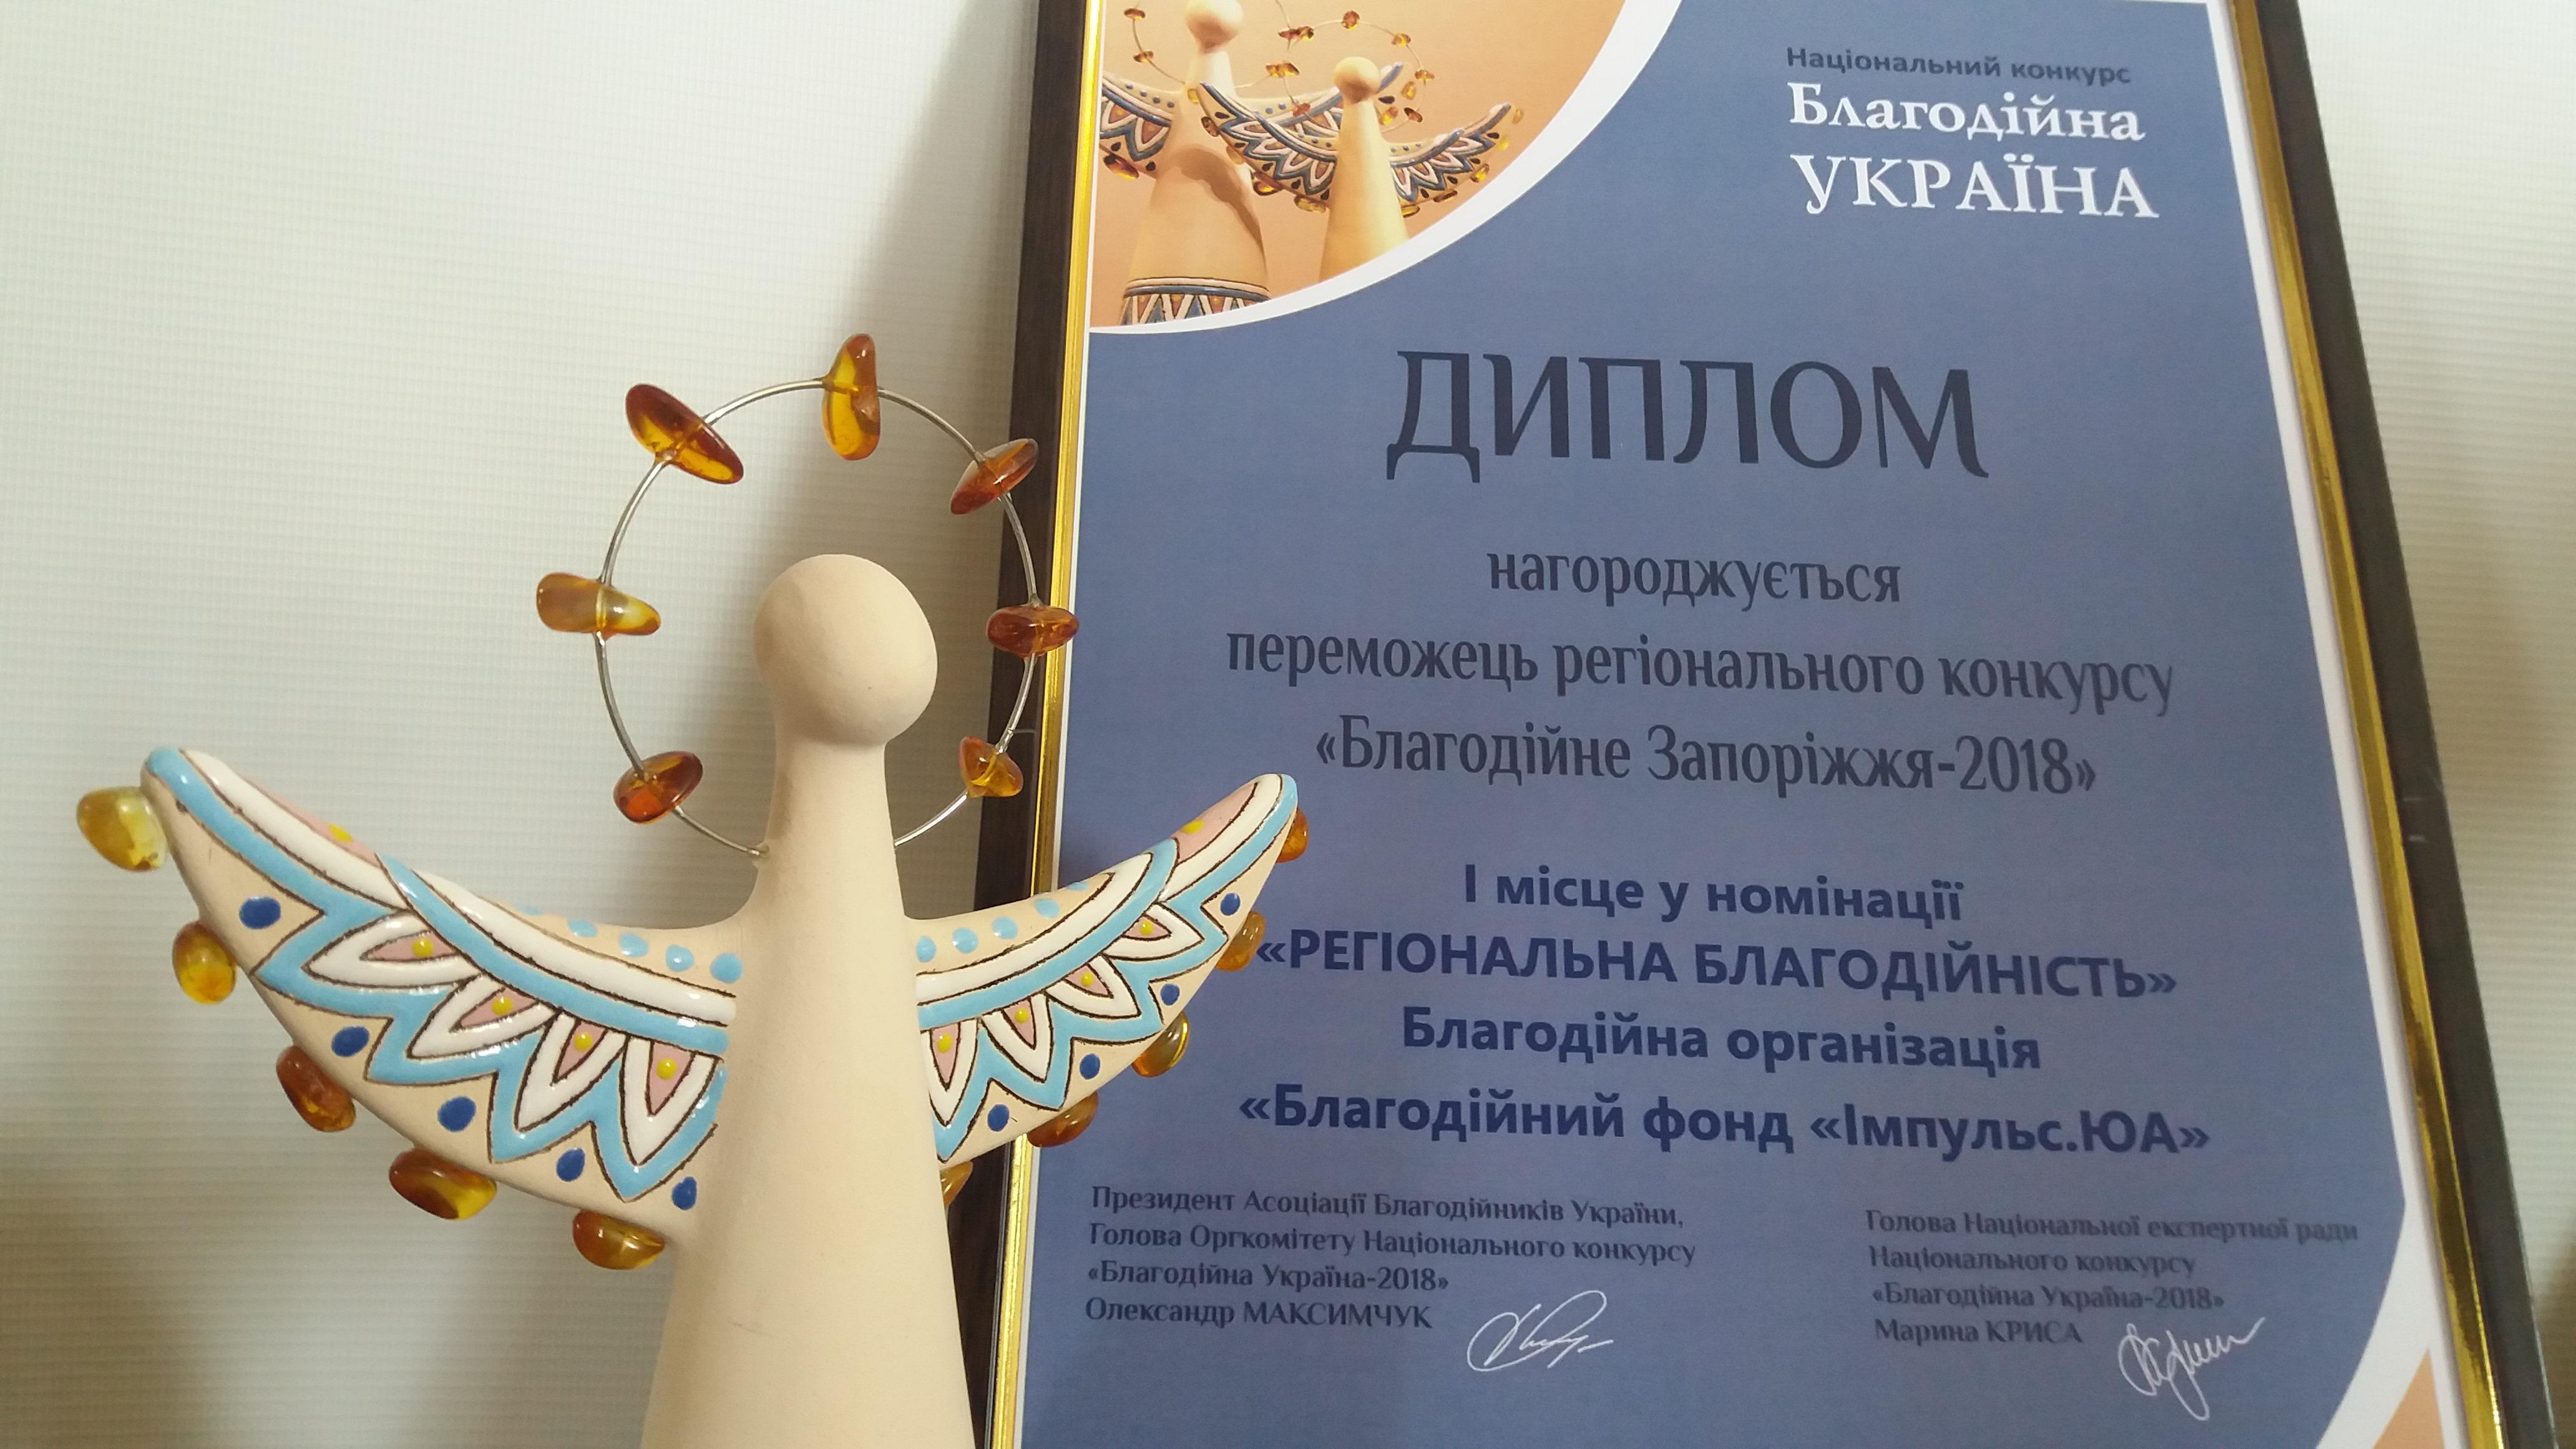 Фонд «Імпульс.ЮА» посів перше місце у номінації «Регіональна благодійність»